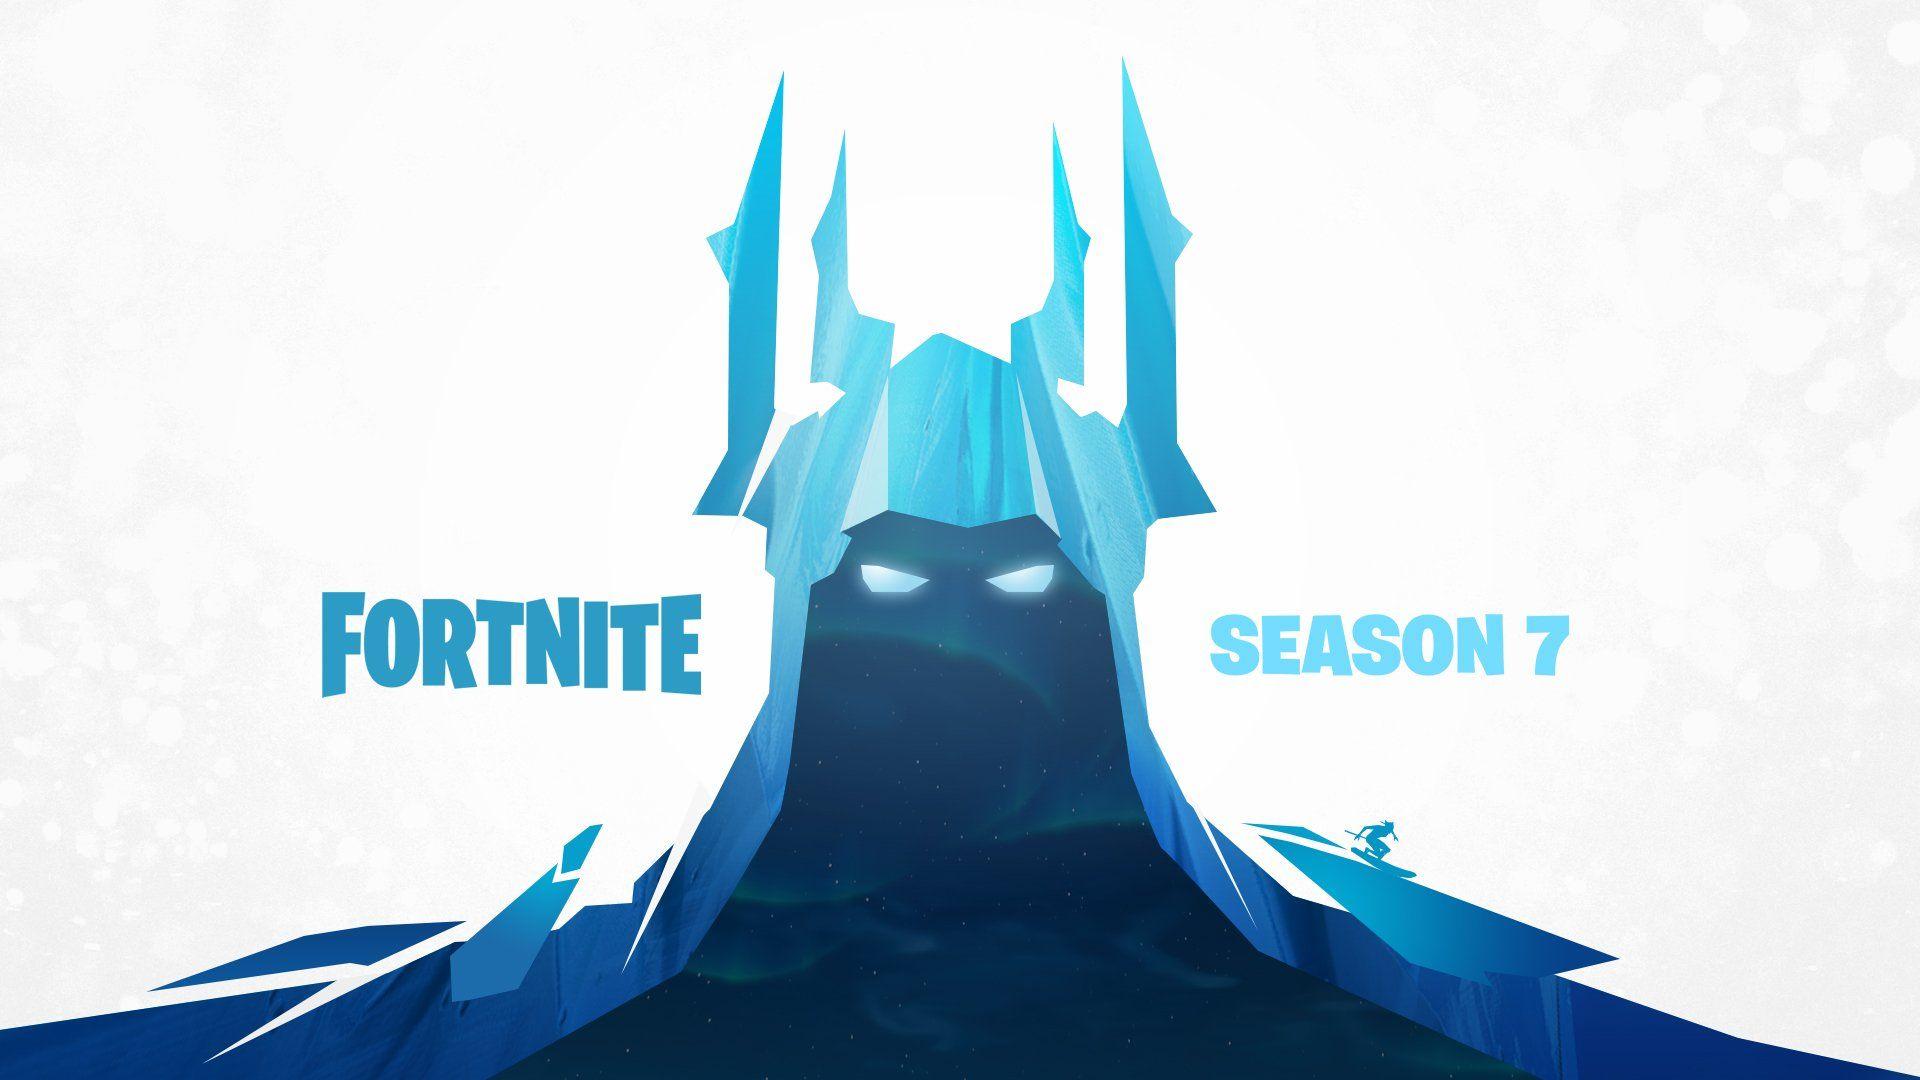 Fortnite Season 7 teaser